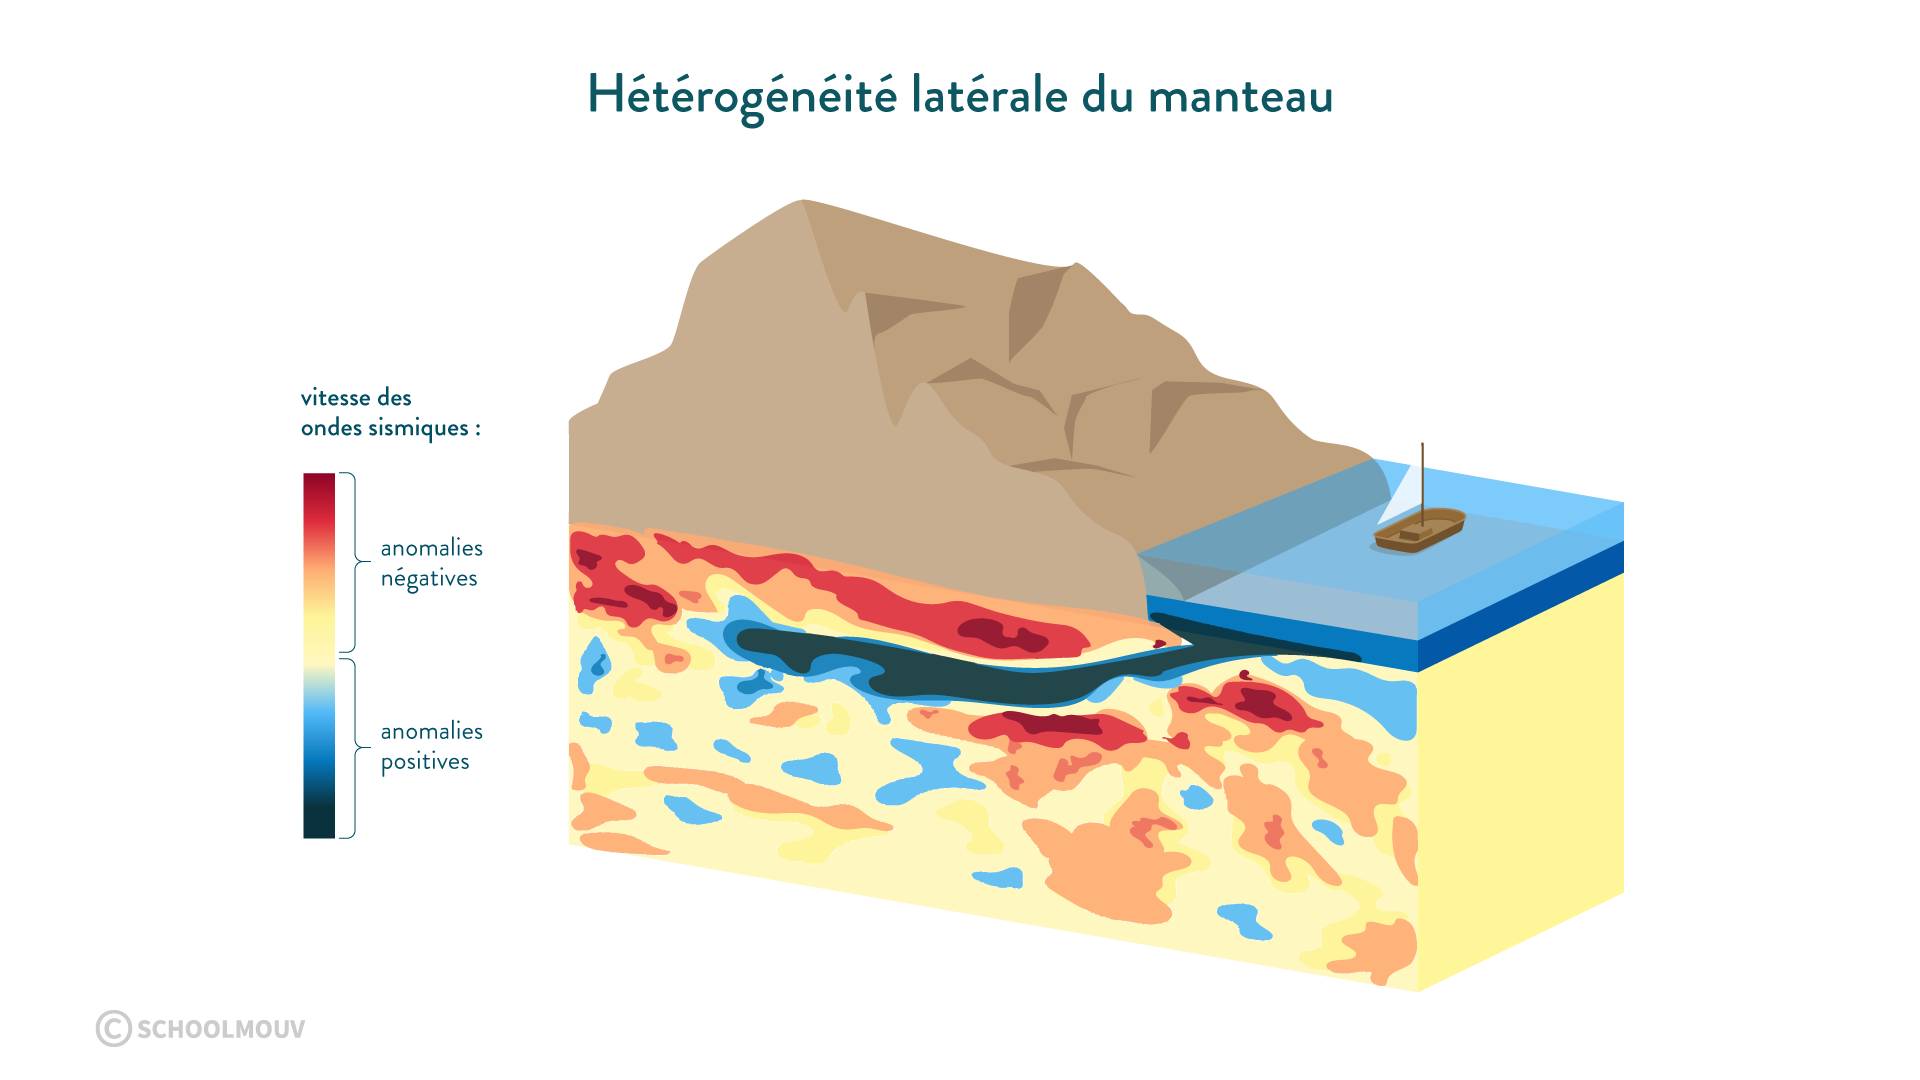 hétérogénéité latérale manteau tomographie sismique vitesse ondes sismiques anomalies positives négatives subduction transferts thermiques internes svt première schoolmouv